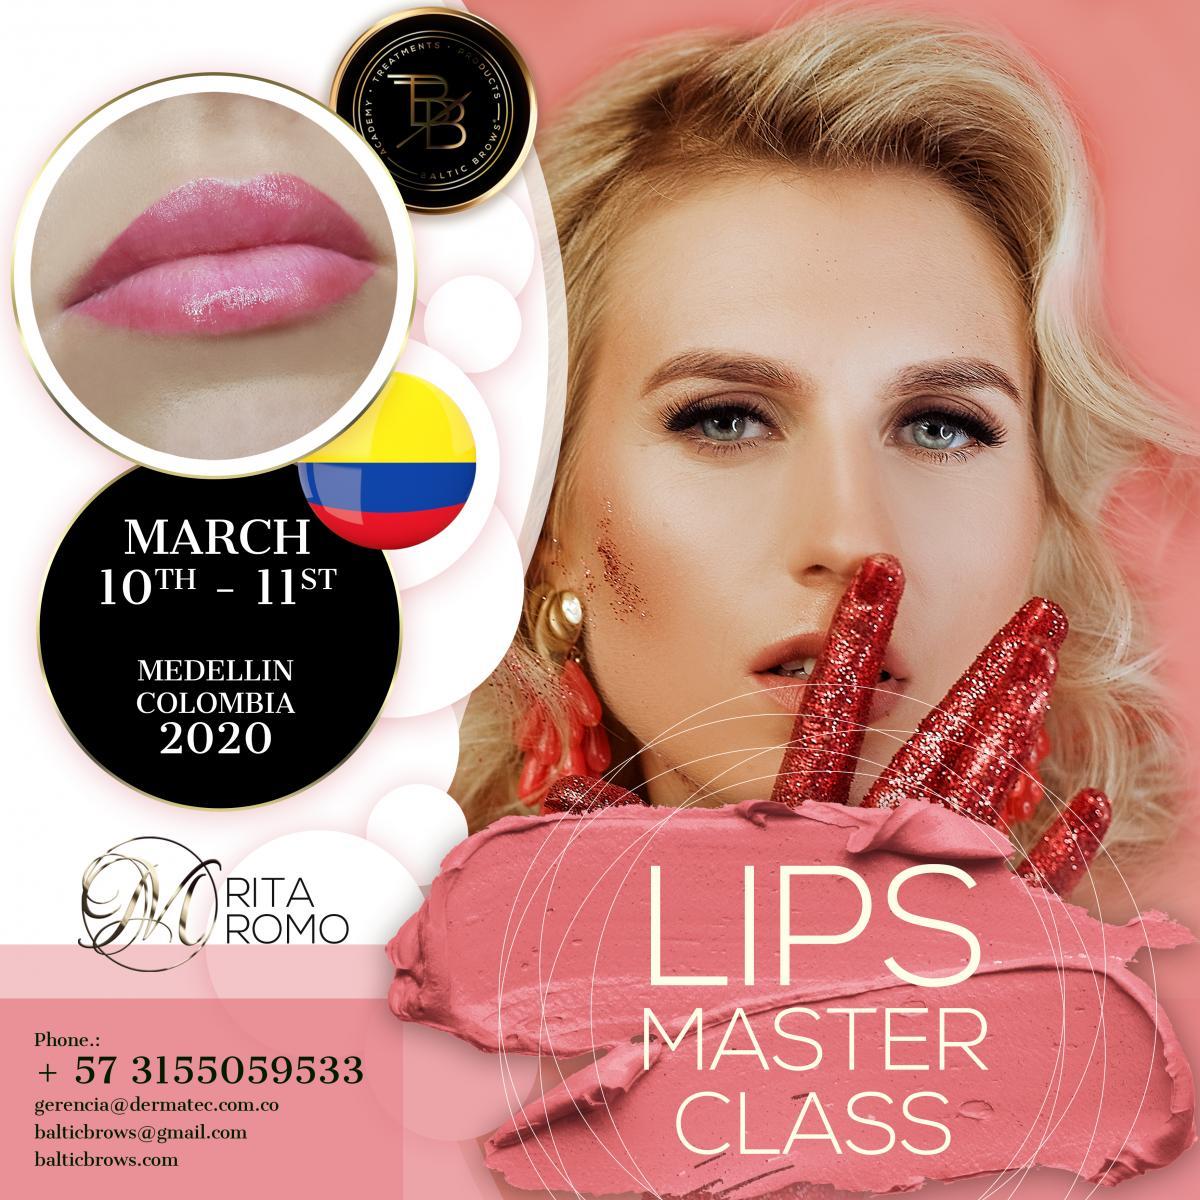 Lips masterclass